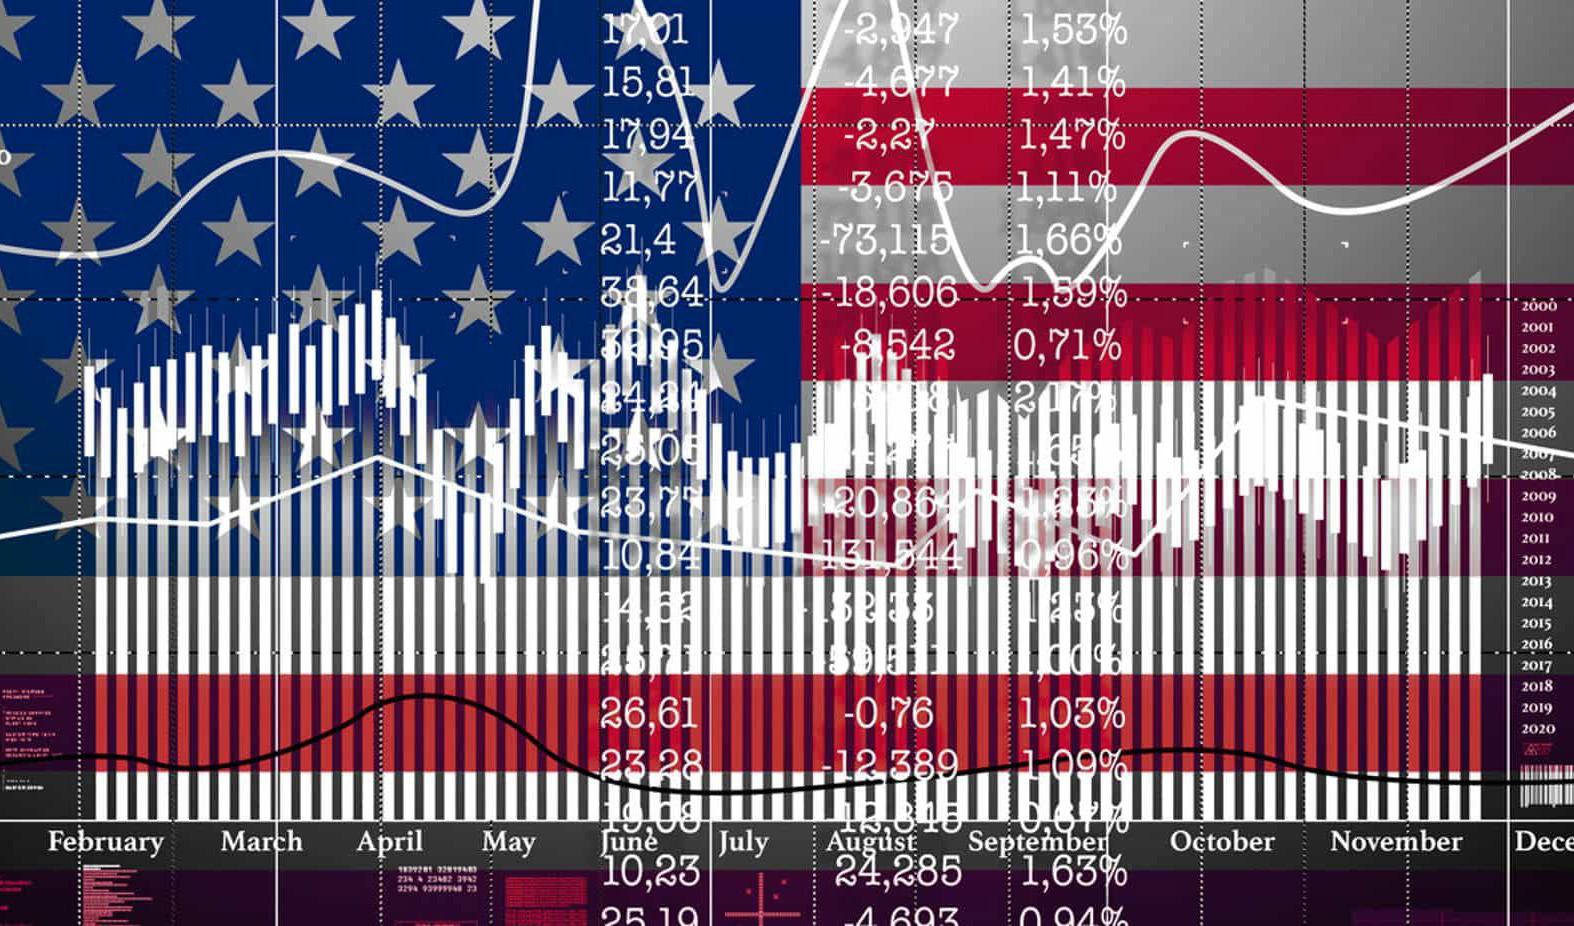 رشد اقتصادی آمریکا به ۱.۹ درصد کاهش یافت